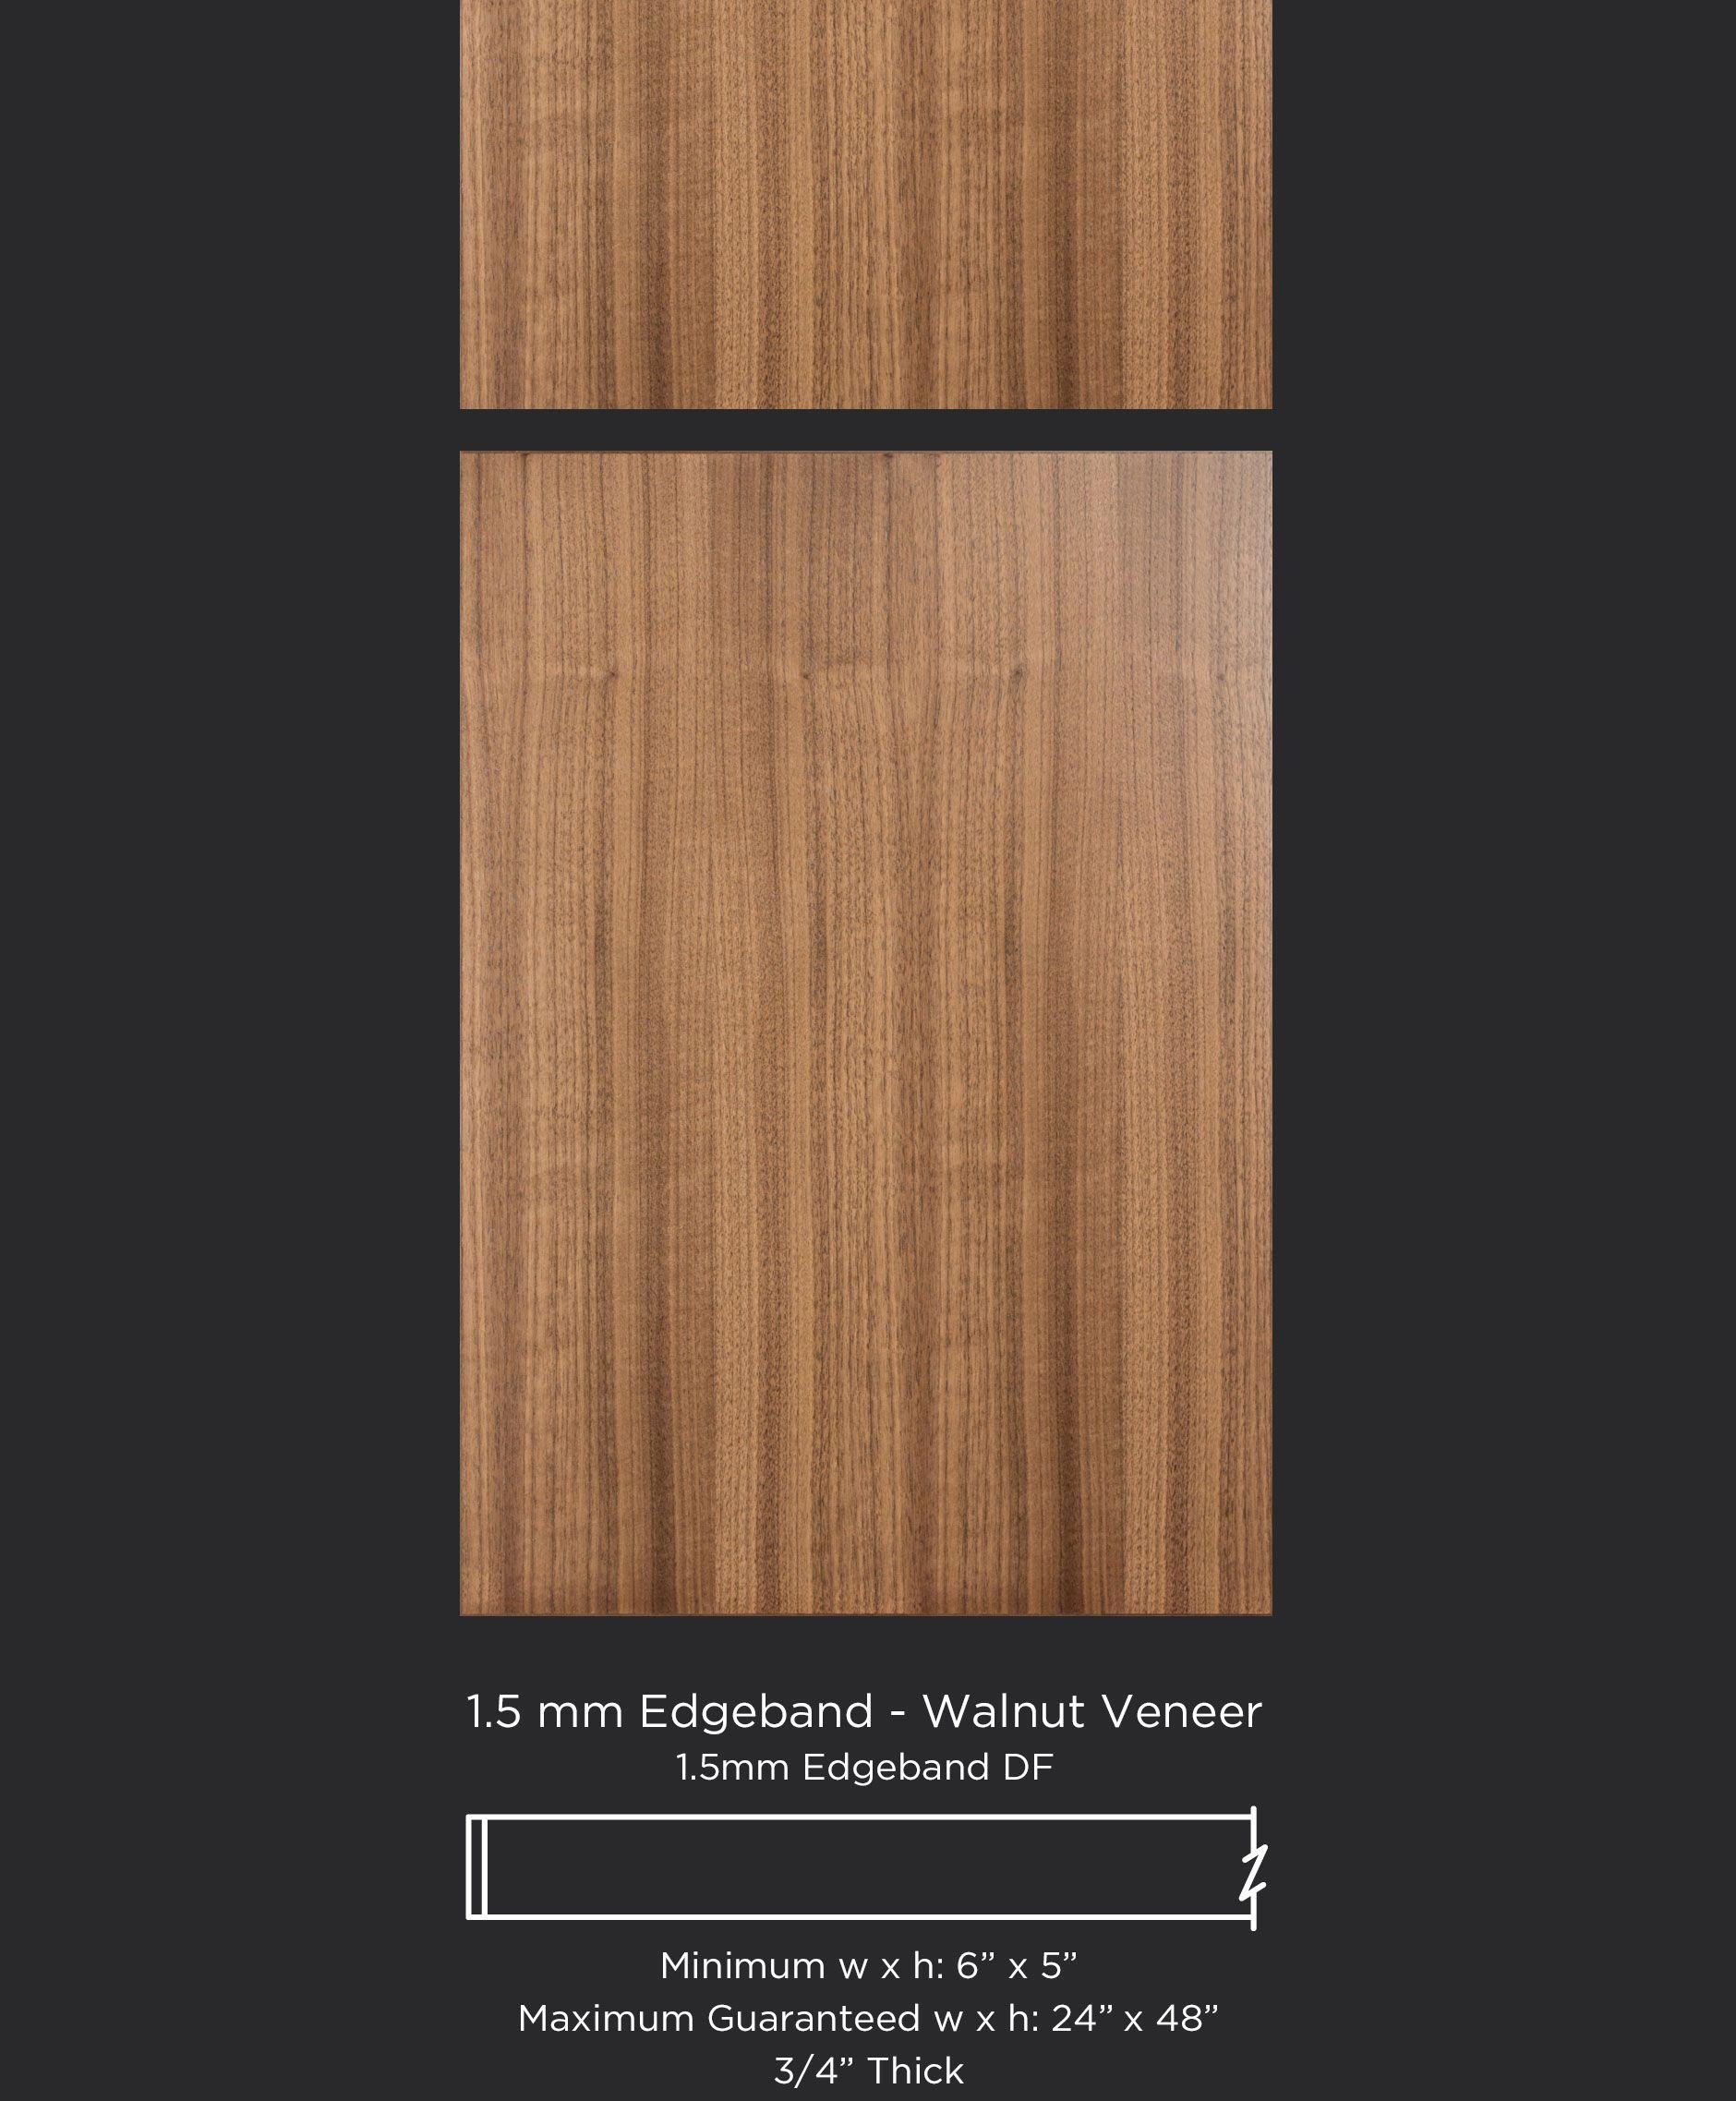 Modern Walnut Veneer Cabinet Door By Taylorcraft Cabinet Door Company Walnut Veneer Cabinet Doors Shaker Kitchen Doors